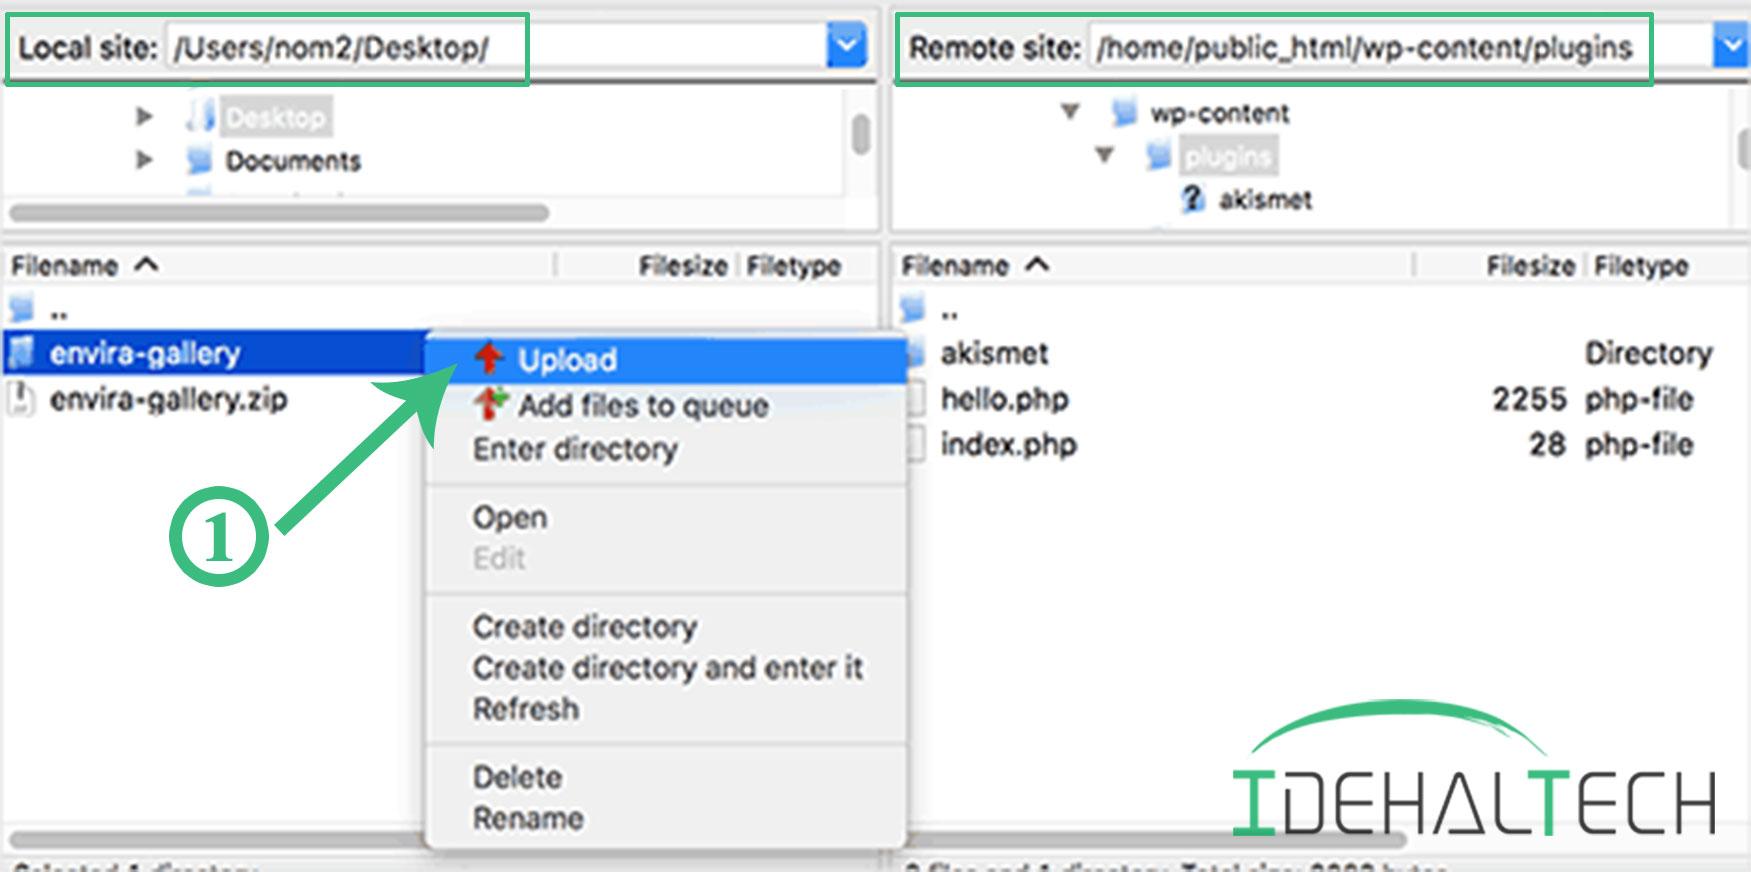 آپلود افزونه از طریق FTP یا File Manager هاست